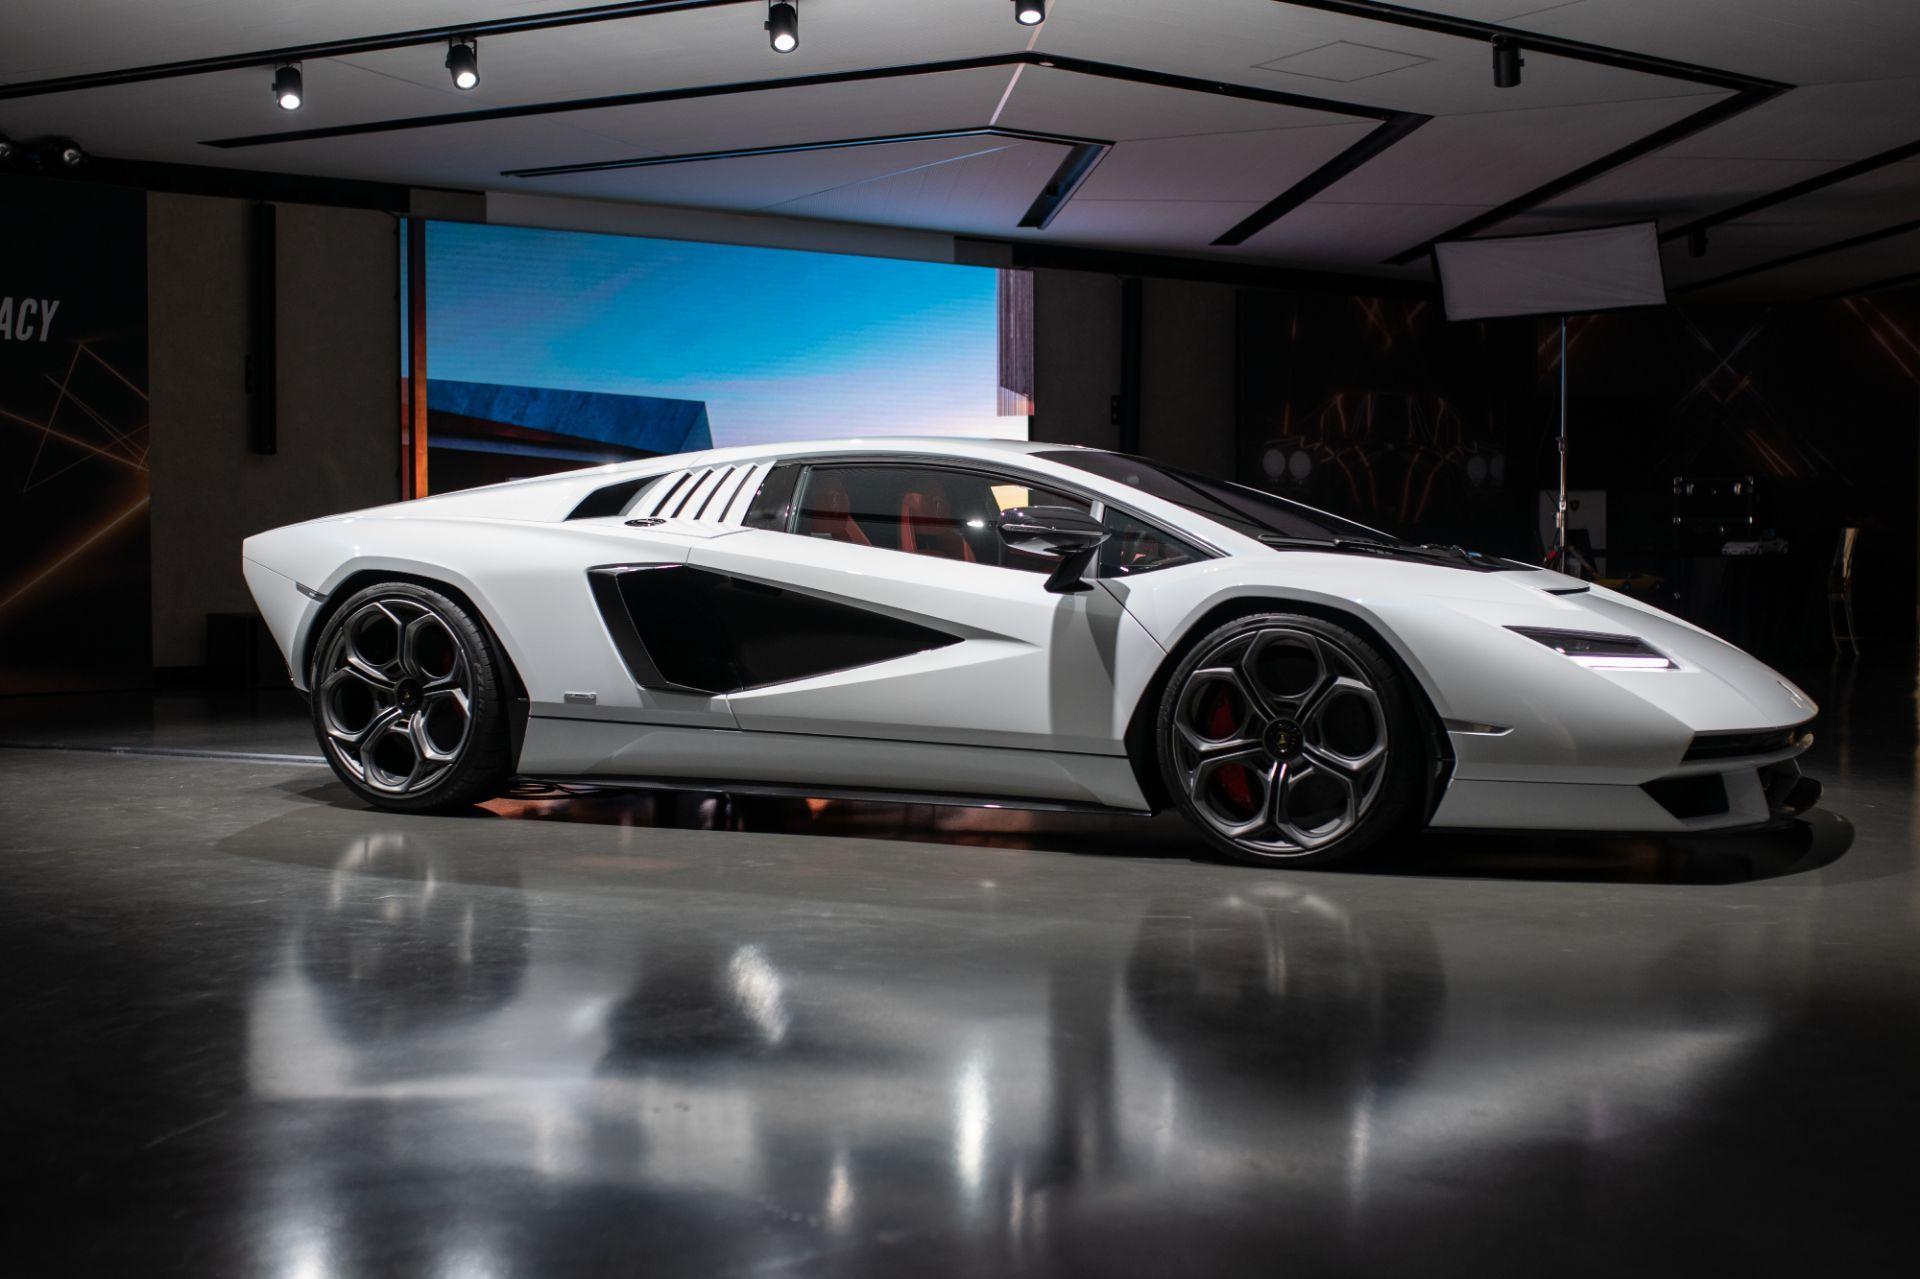 Lamborghini-Countach-LPI-800-4-2